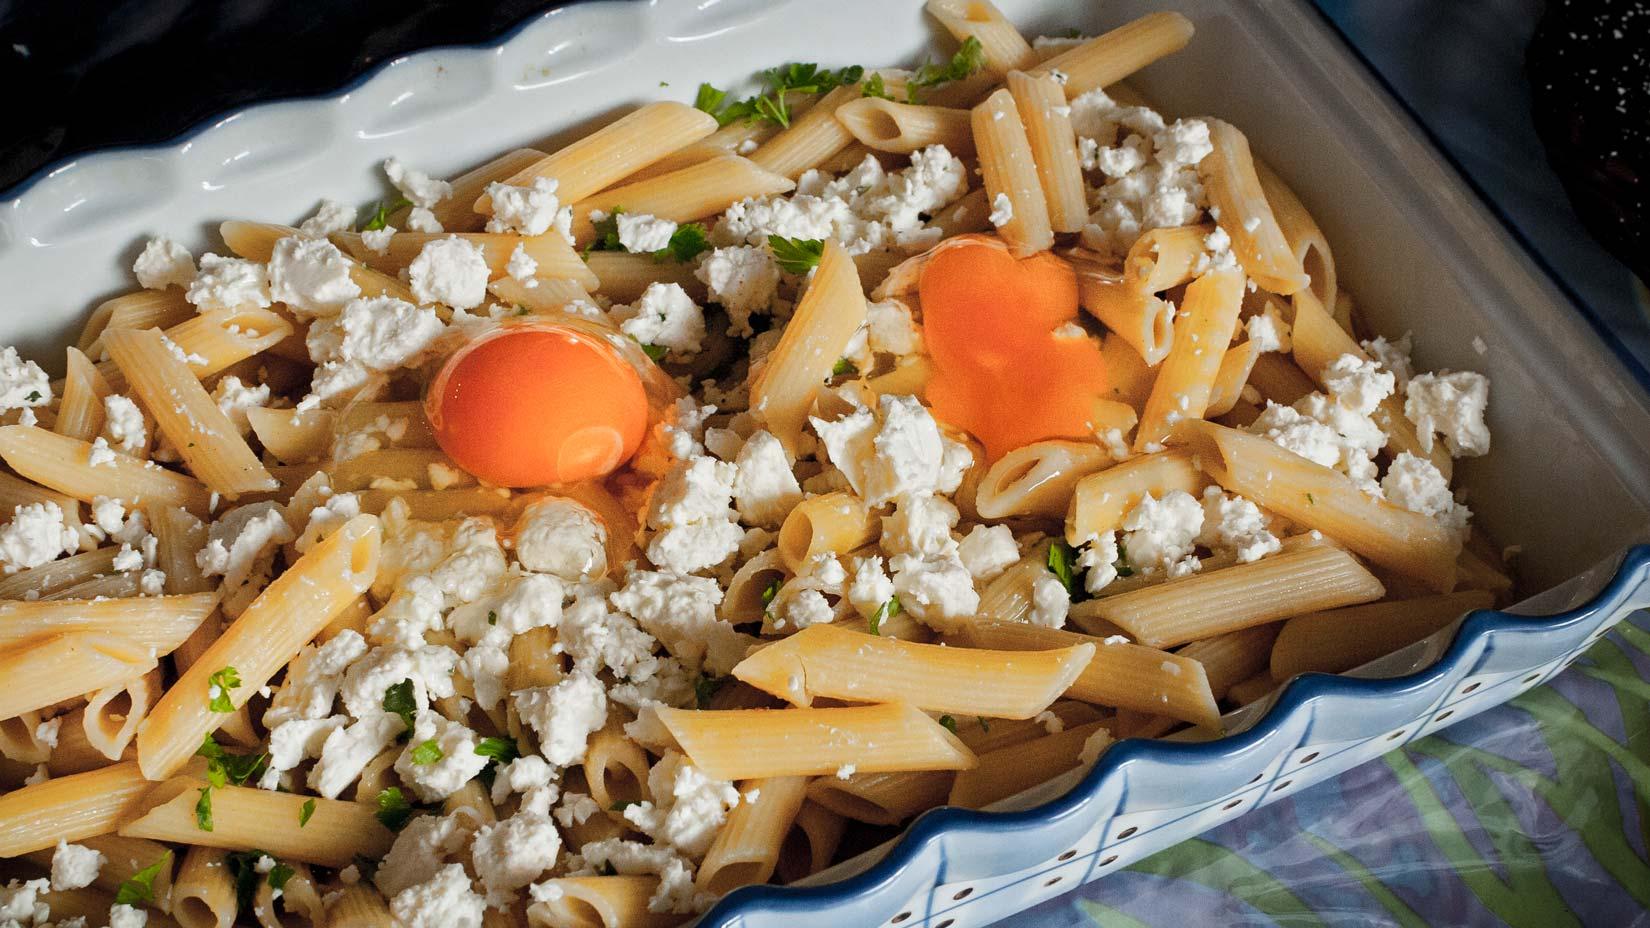 Balkánského sýra dejte do těstovin přiměřeně svým chutím, množství v receptu je orientační